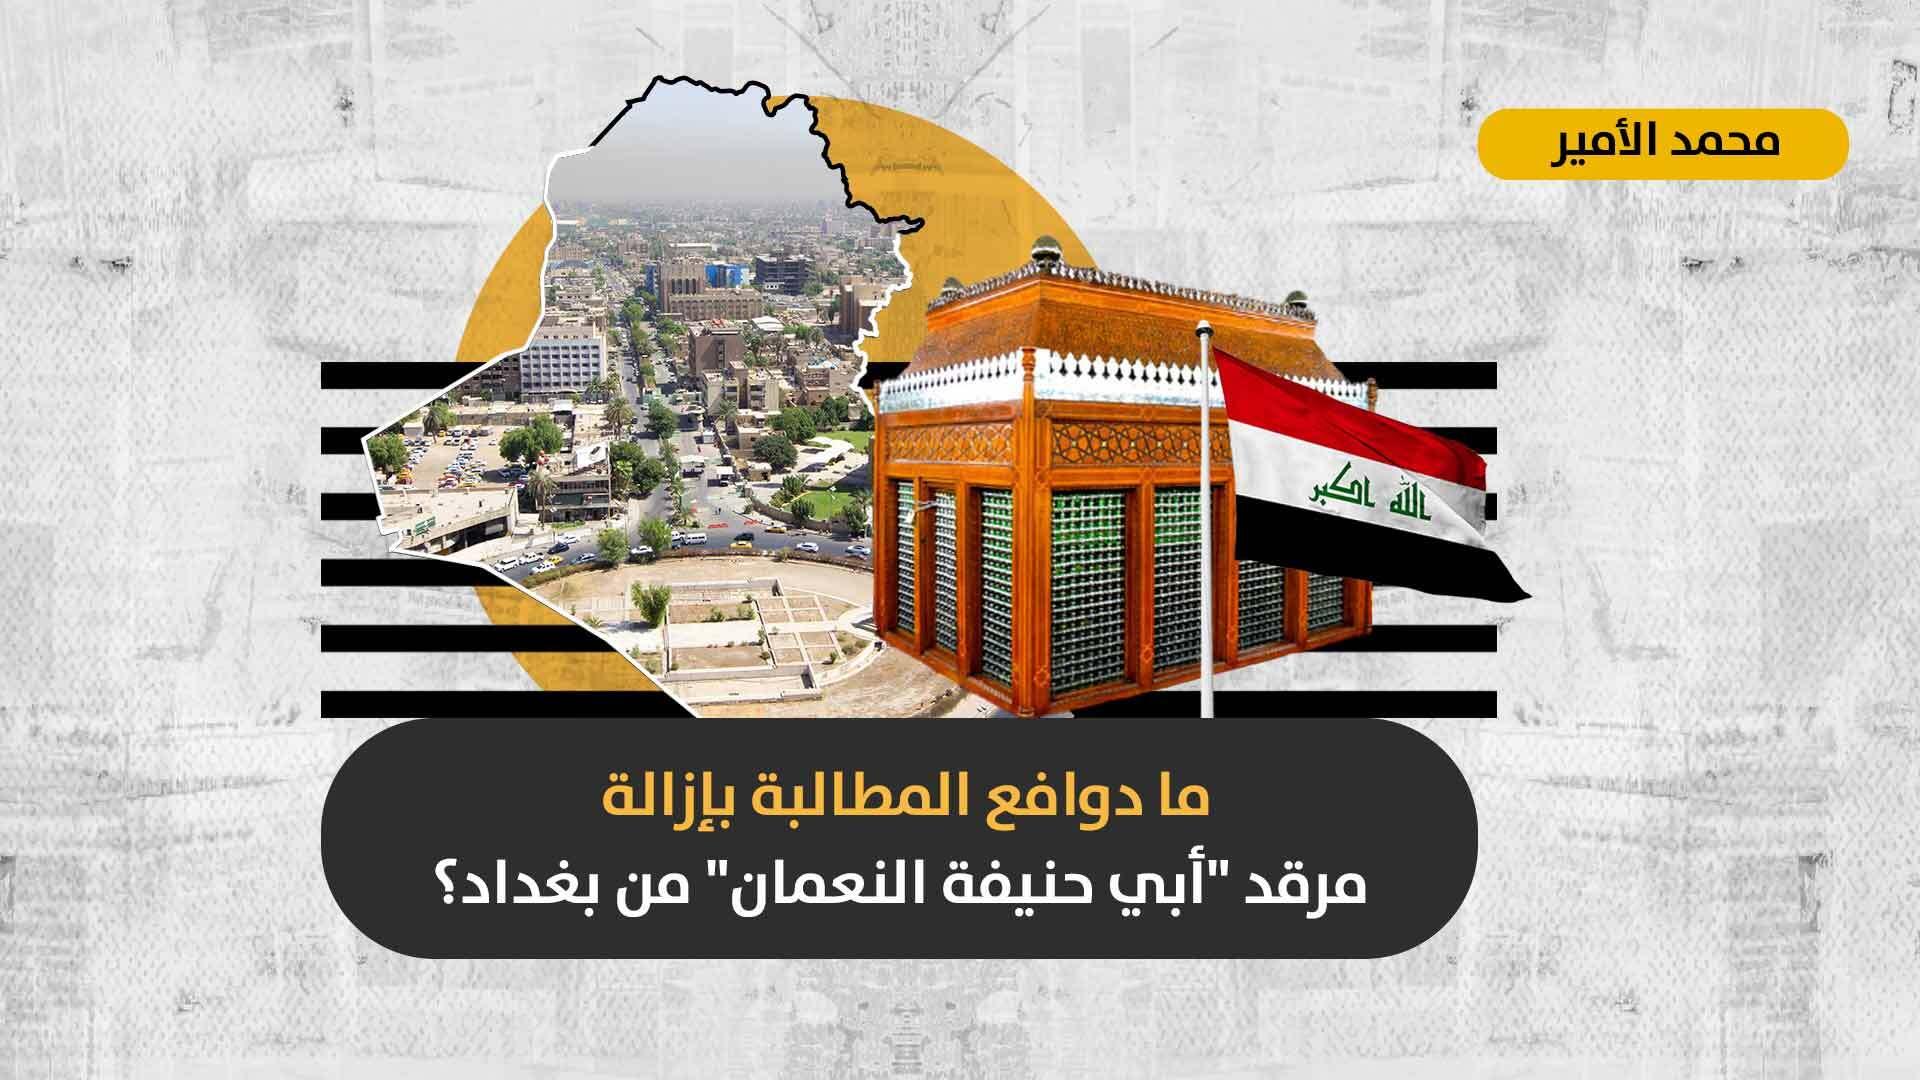 تصفية حسابات مع فقيه سني وخليفة عباسي: هل سيشهد العراق حرباً طائفية جديدة قبيل الانتخابات المبكرة؟